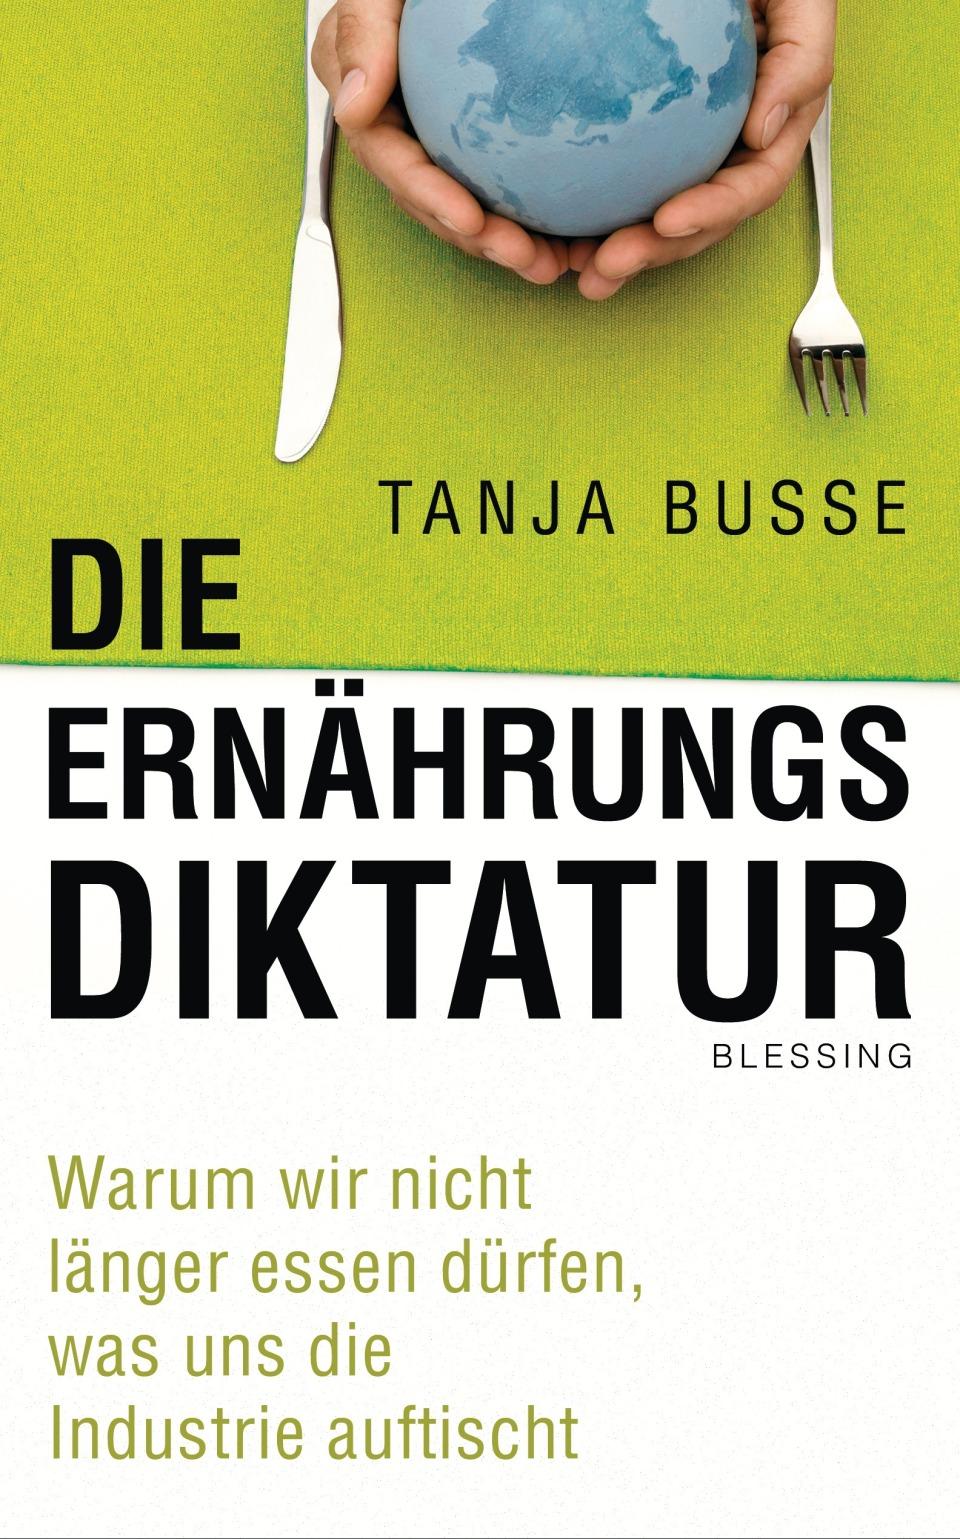 """""""Die Ernährungsdiktatur"""" von Tanja Busse"""